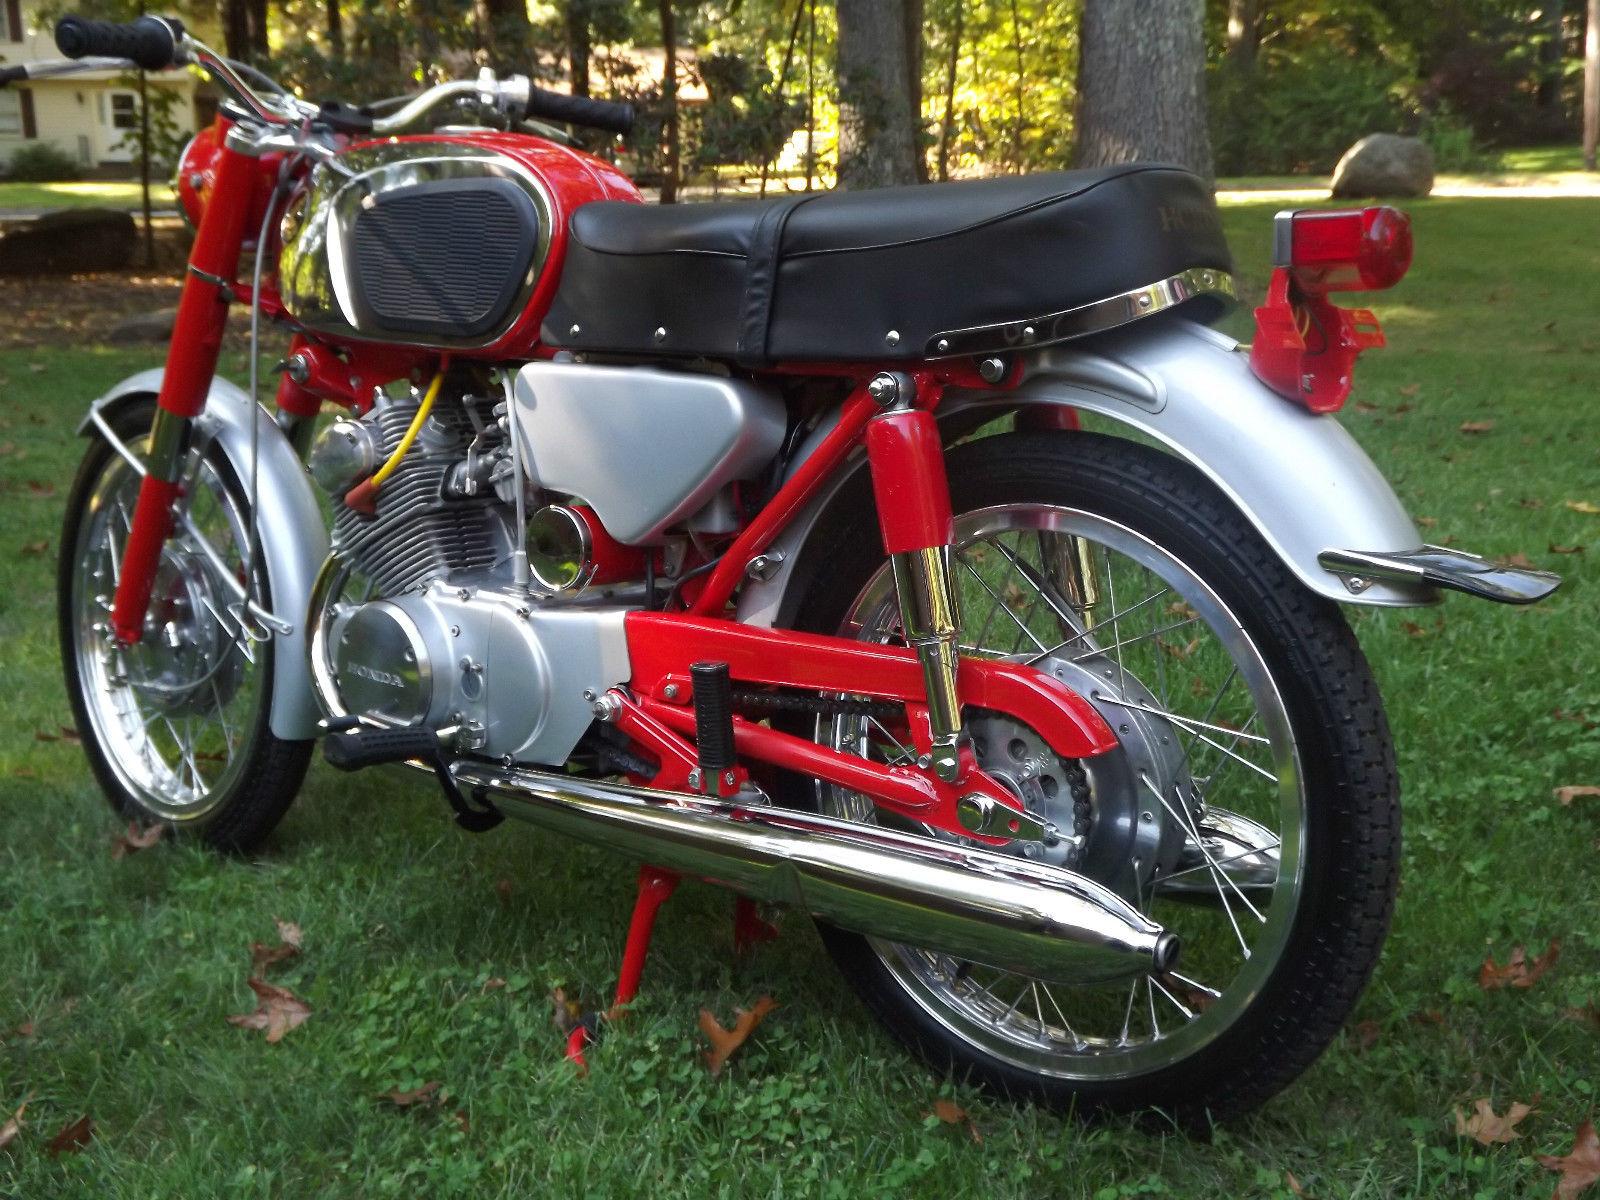 Restored Honda Cb160